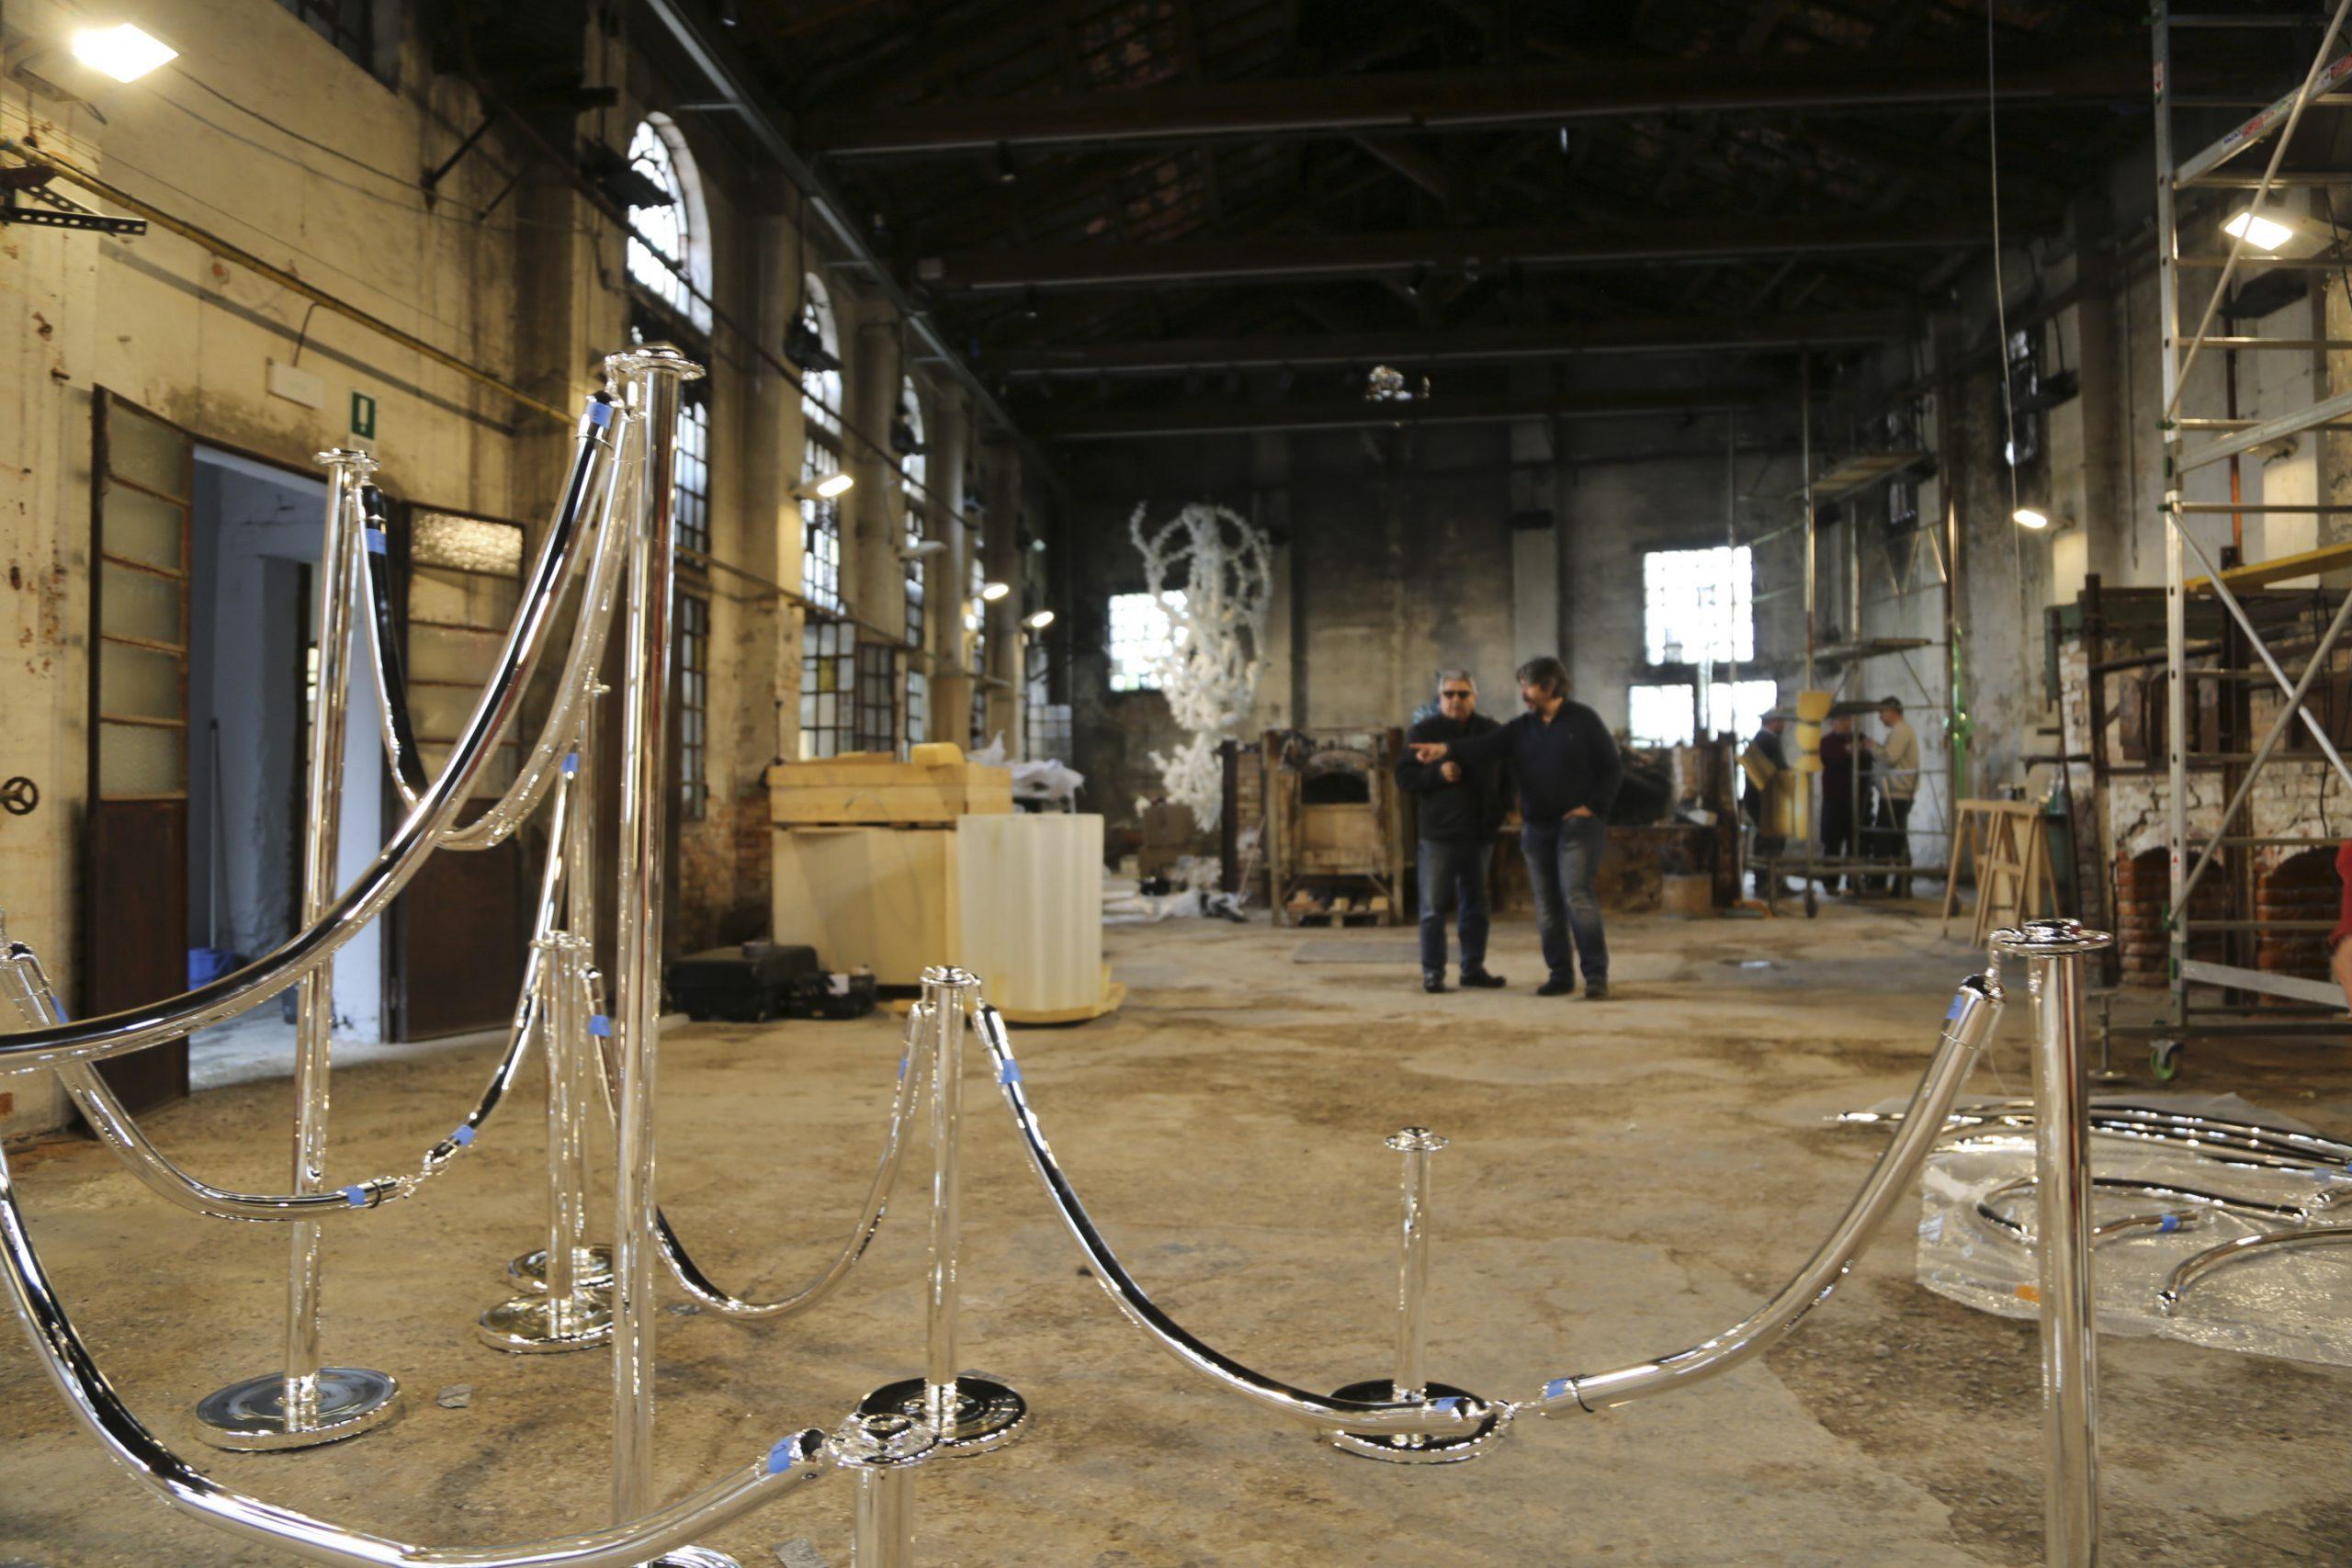 Adriano Berengo and Koen Vanmechelen in Fondazione Berengo Art Space